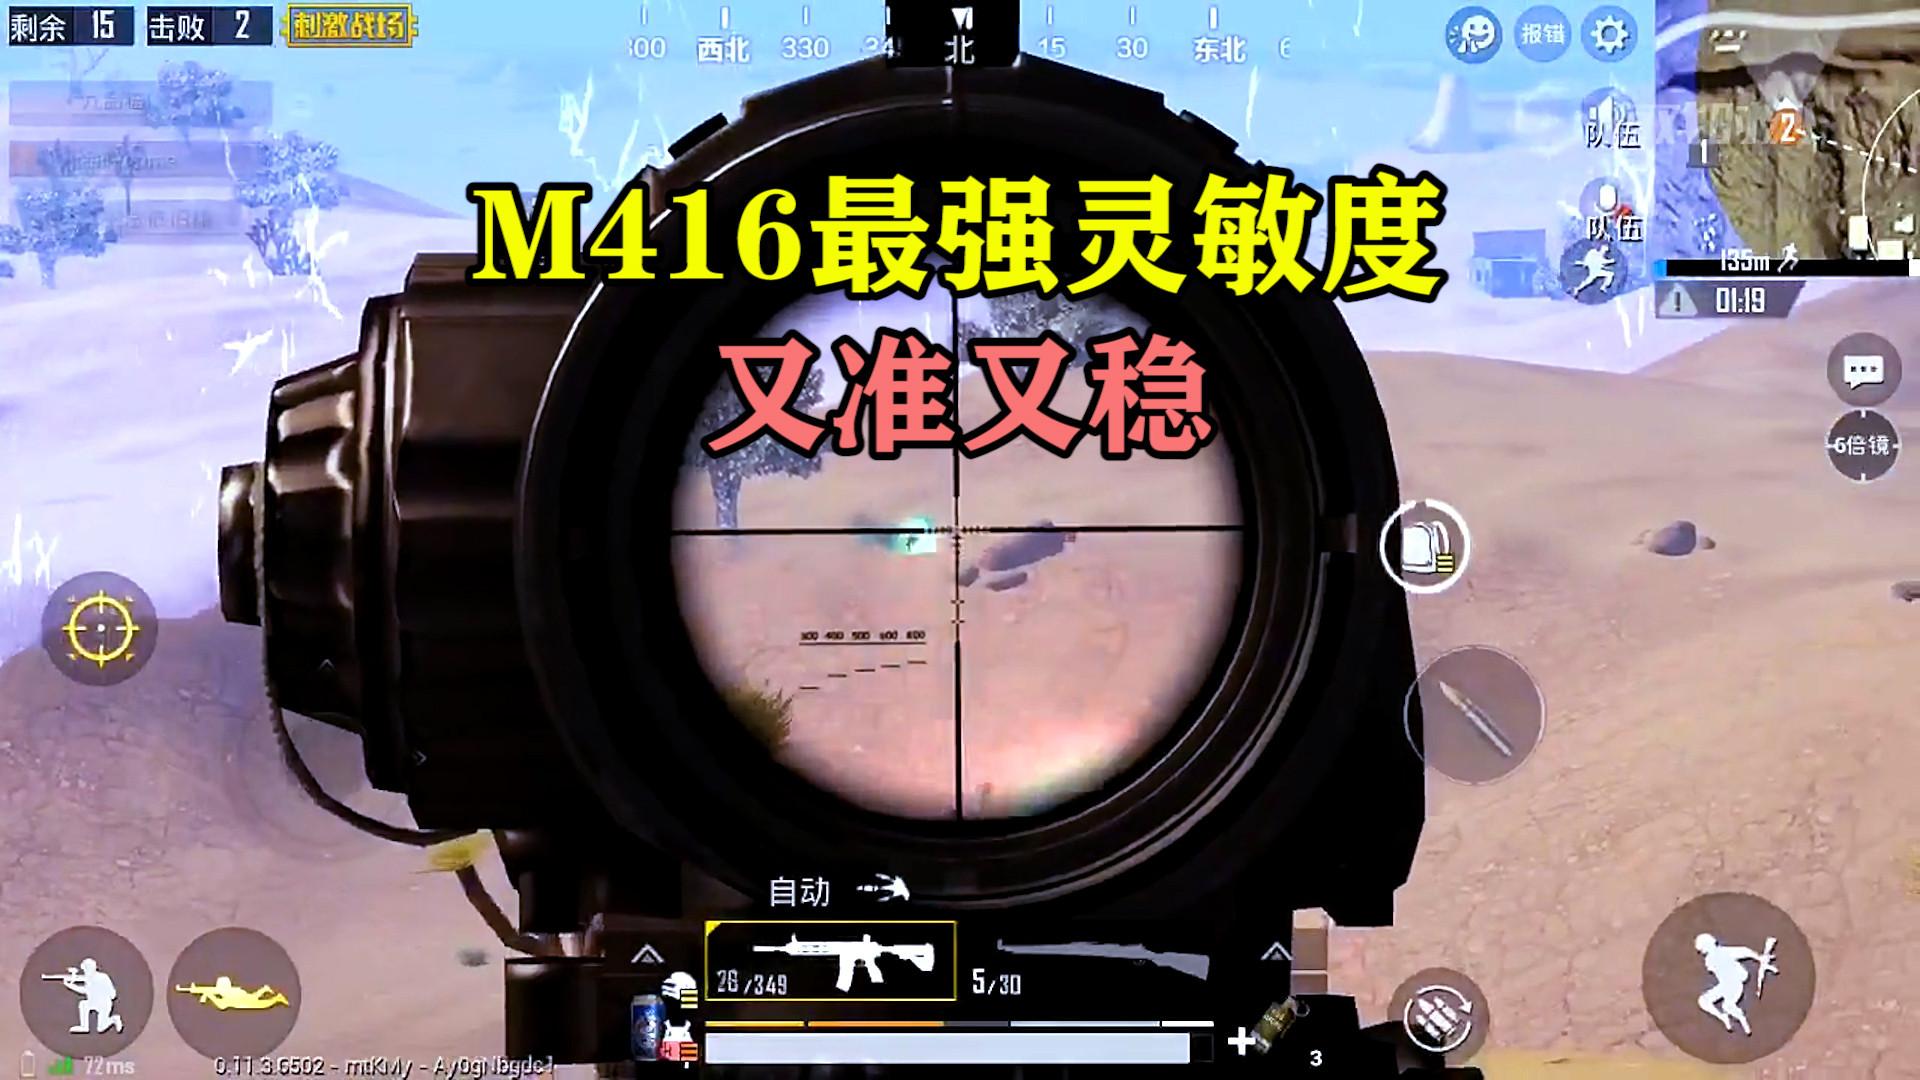 和平精英:m416最强灵敏度,教你6倍镜怎么调最稳!